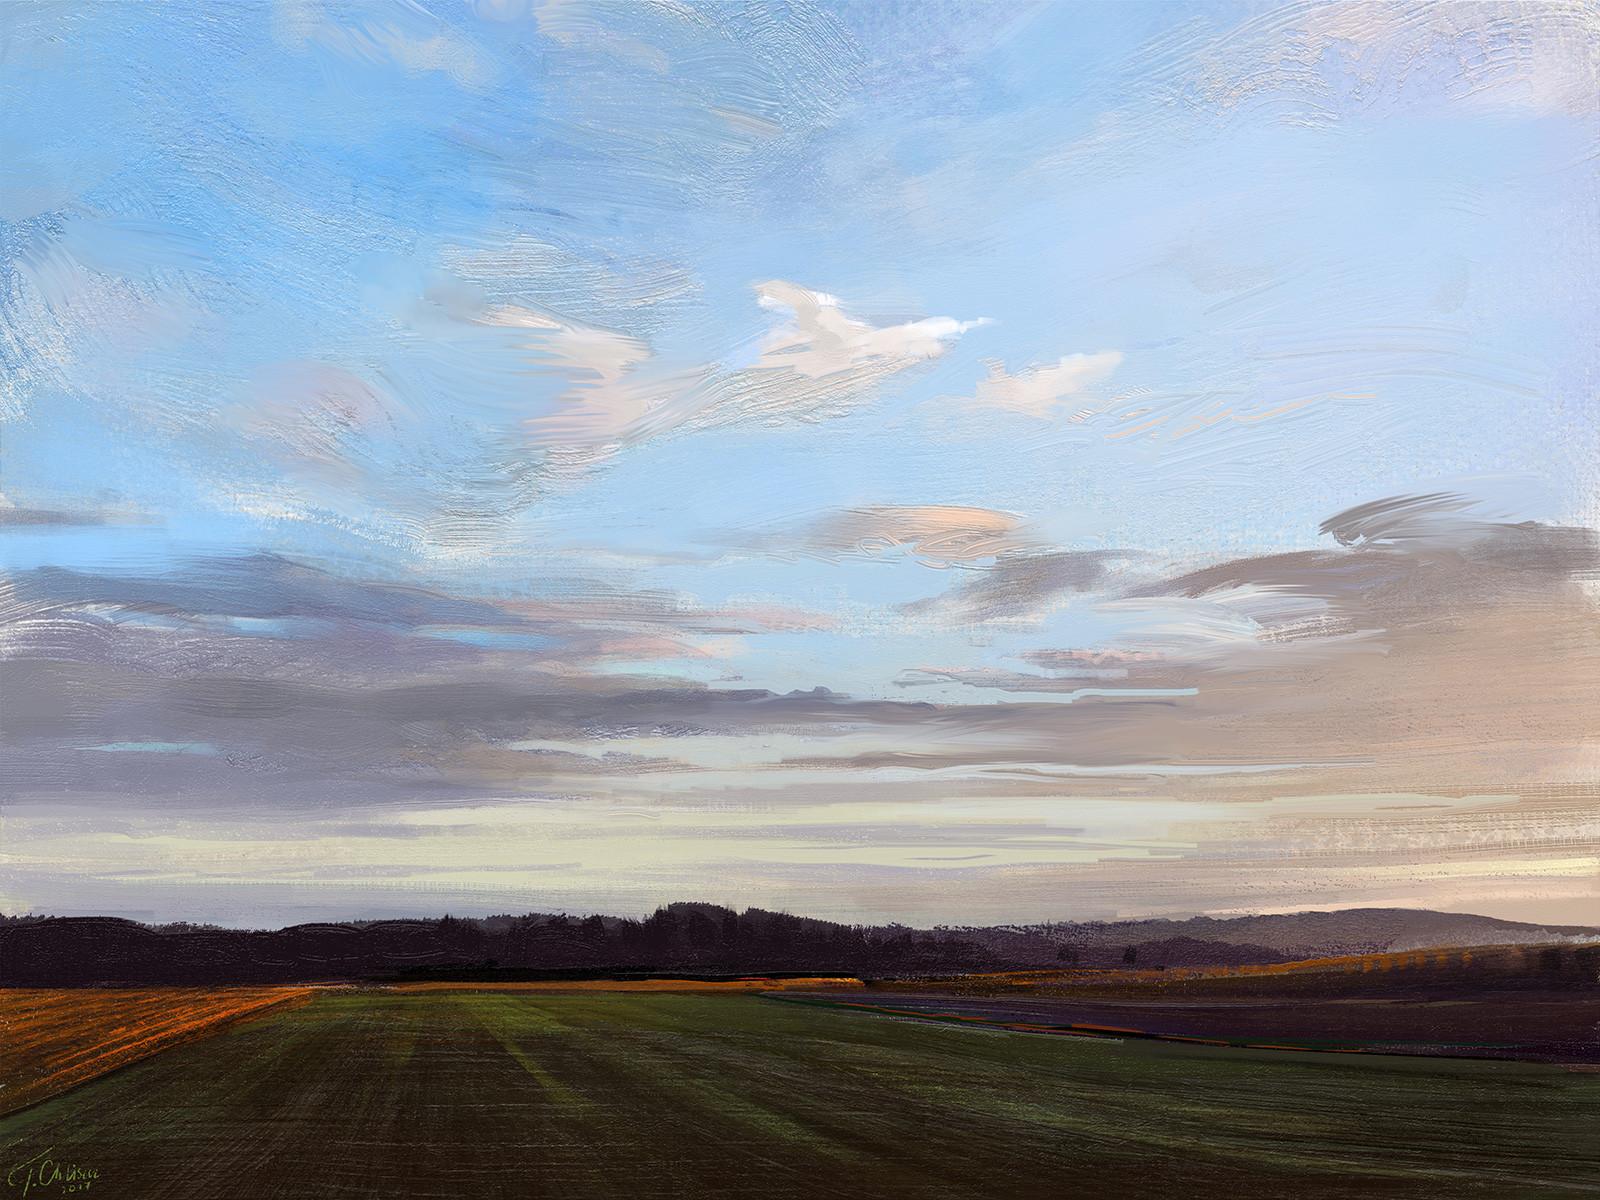 Tymoteusz chliszcz landscape36 by chliszcz